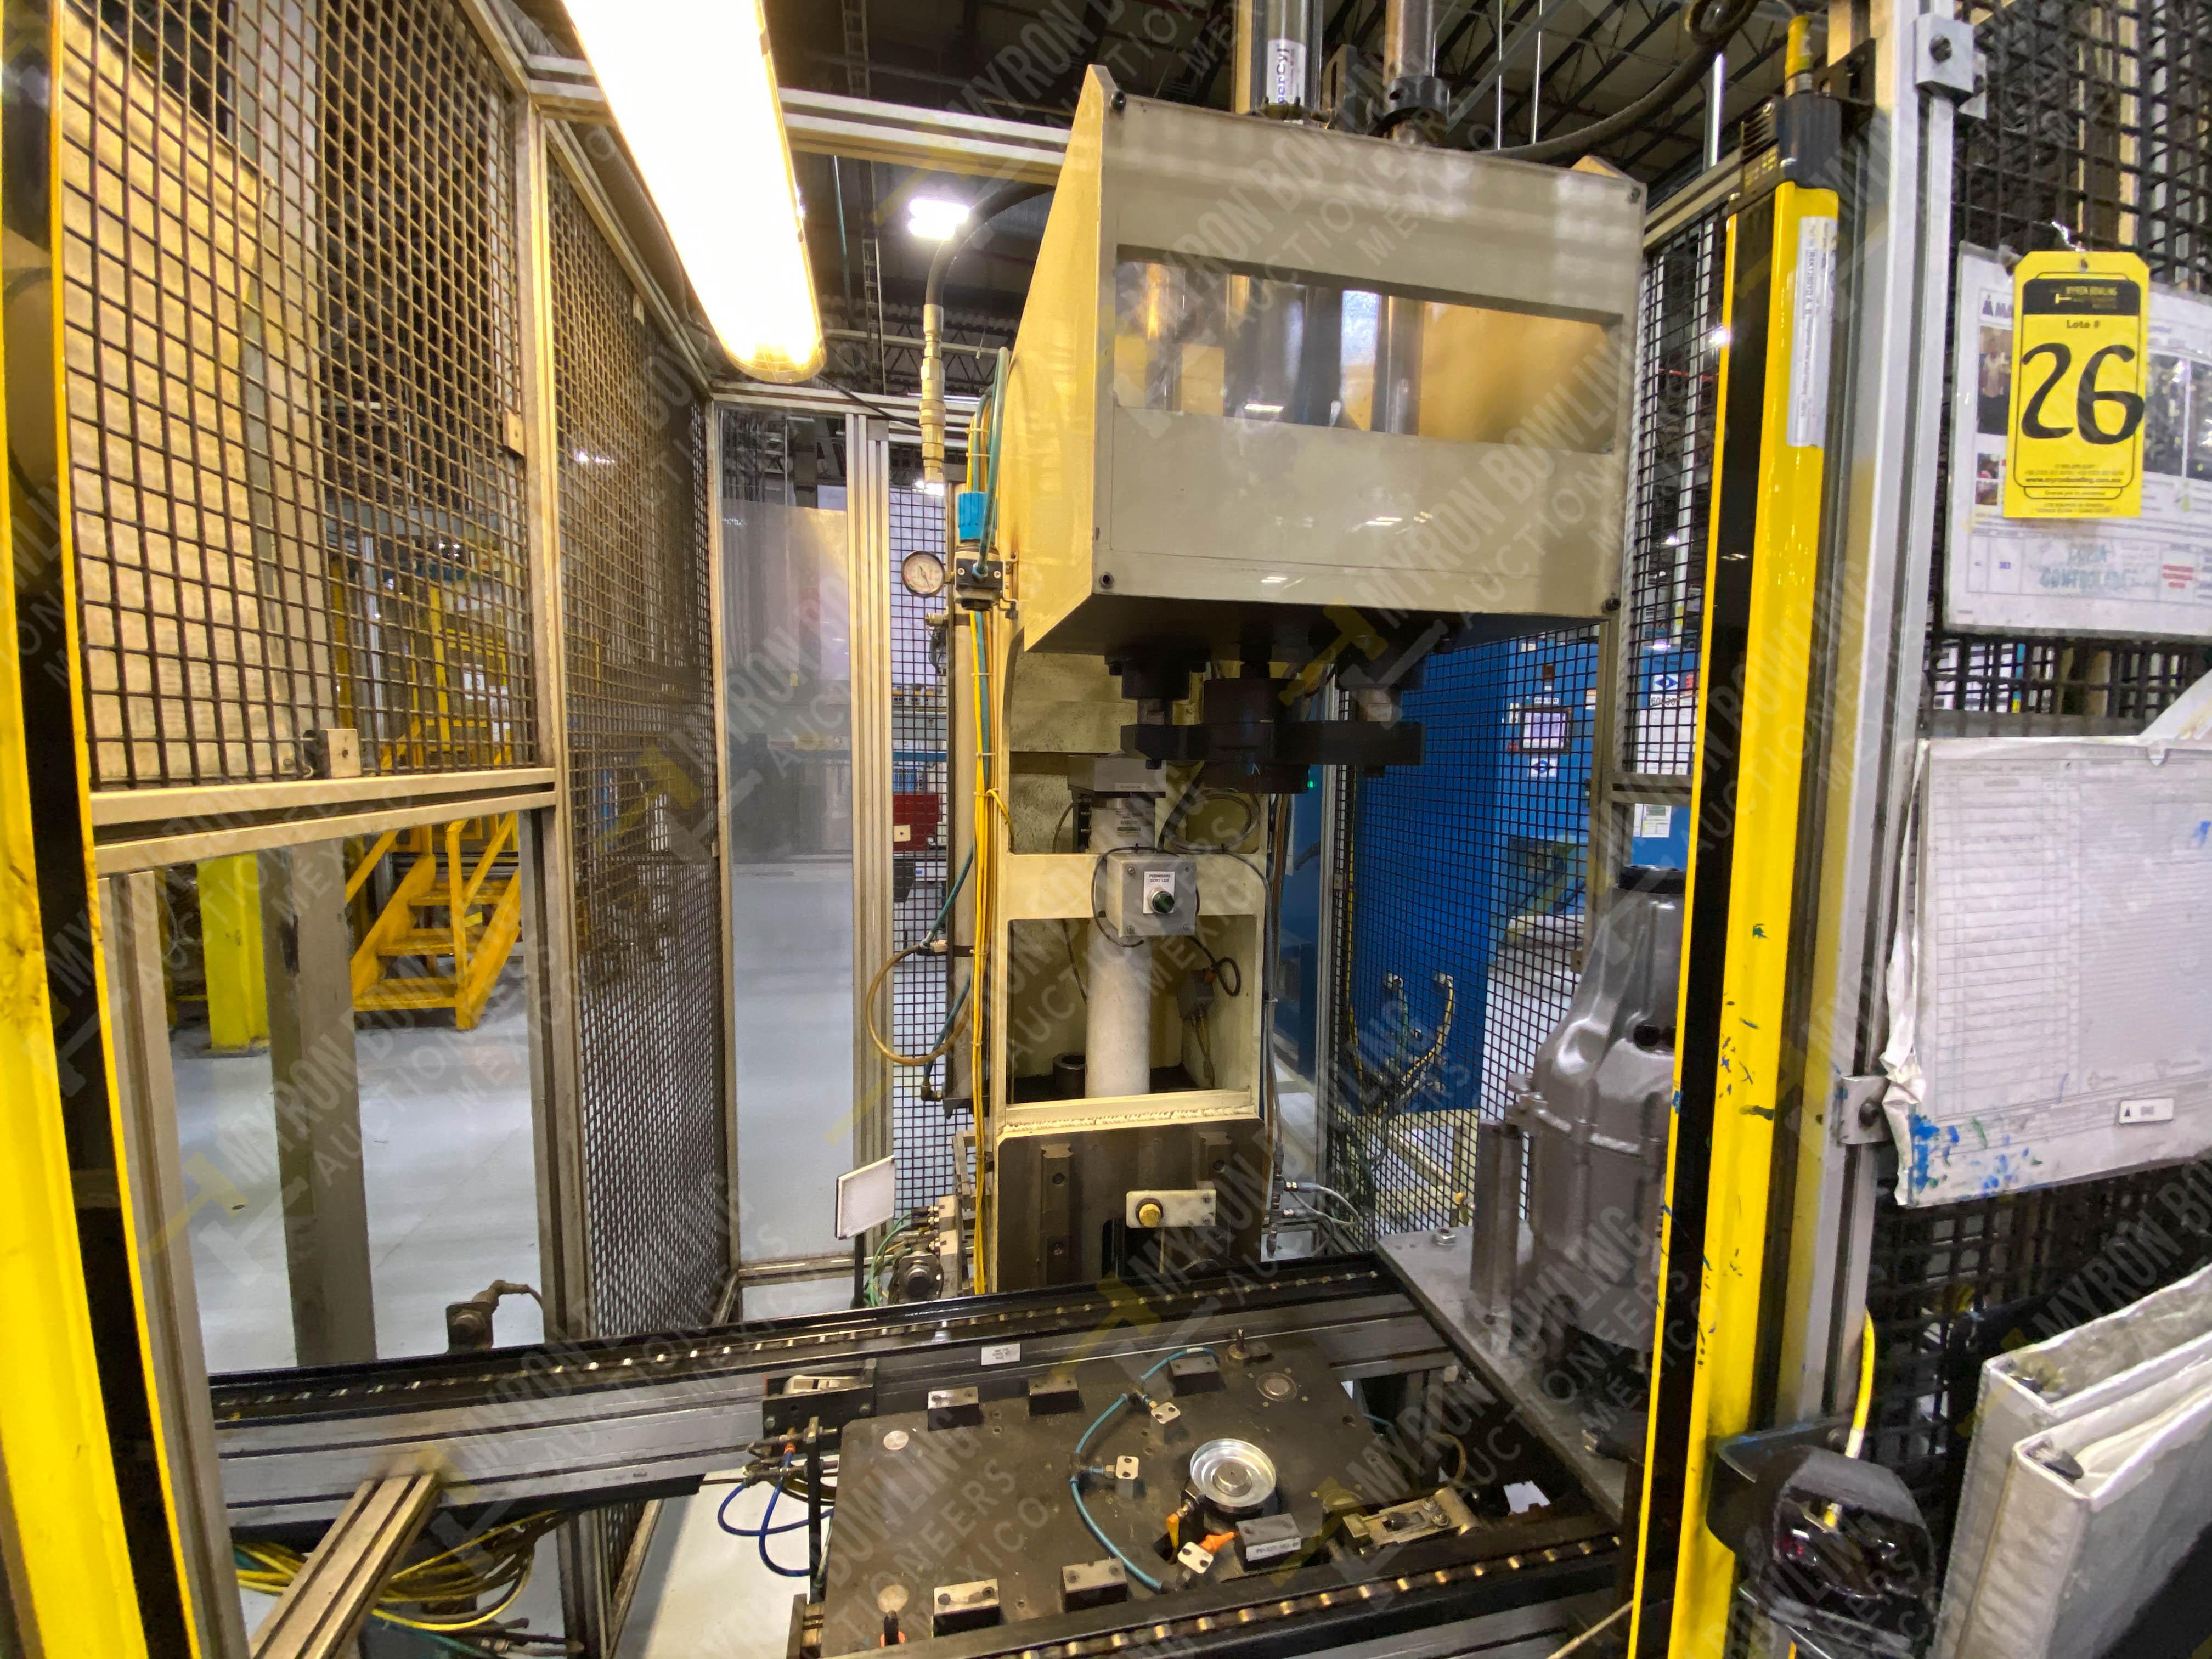 Estación manual para operación 383, contiene: Prensa marca PROMESS en estructura de placa de acero - Image 12 of 27